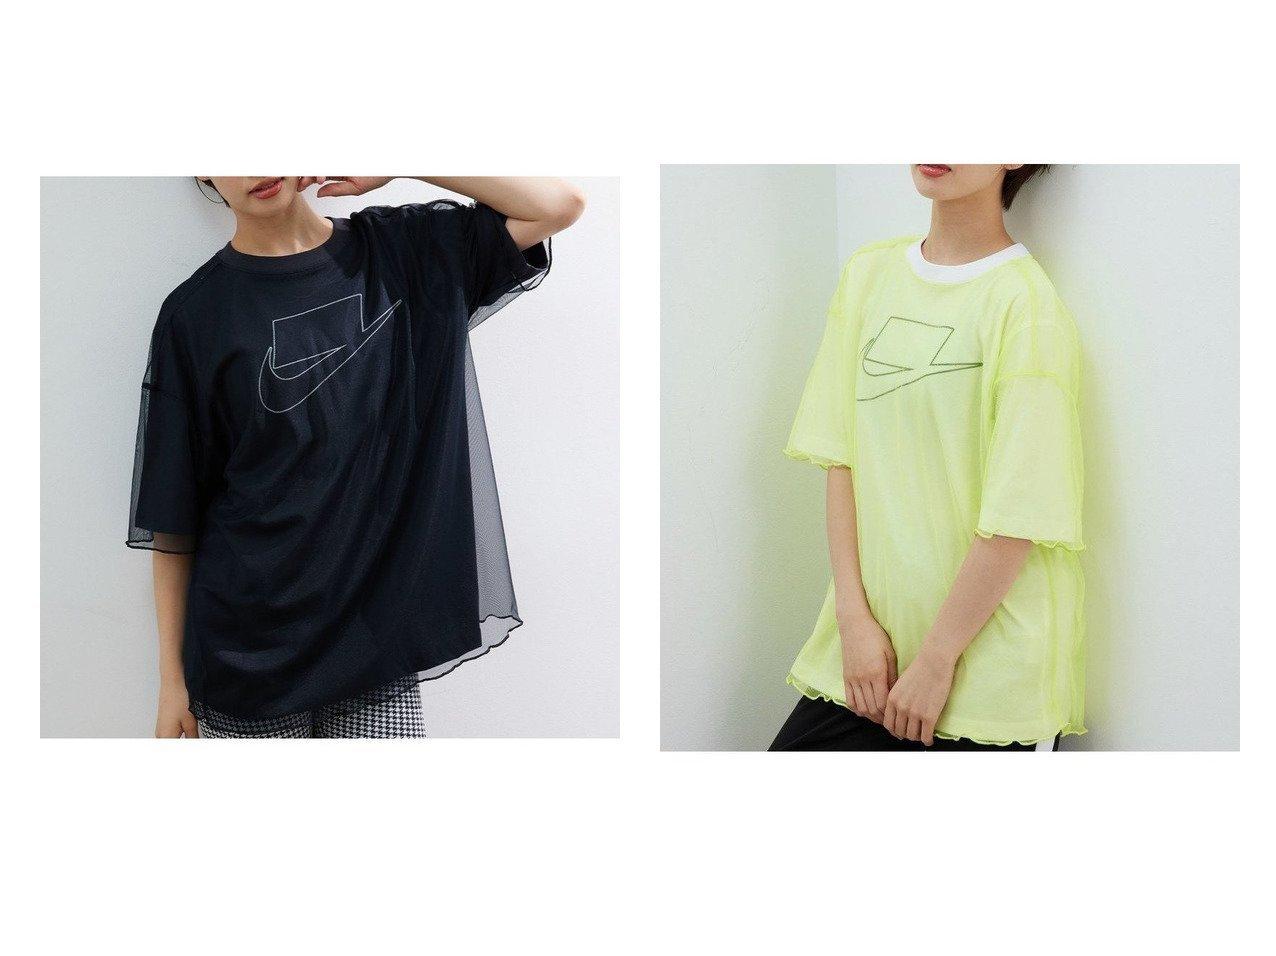 【NIKE/ナイキ】の【NIKE】ナイキ スポーツウェア チュール ショートスリーブTシャツ ウィメンズ おすすめ!人気、トレンド・レディースファッションの通販 おすすめで人気の流行・トレンド、ファッションの通販商品 インテリア・家具・メンズファッション・キッズファッション・レディースファッション・服の通販 founy(ファニー) https://founy.com/ ファッション Fashion レディースファッション WOMEN トップス・カットソー Tops/Tshirt シャツ/ブラウス Shirts/Blouses ロング / Tシャツ T-Shirts カットソー Cut and Sewn オーガニック カットソー ショルダー ショート スポーツ スリーブ チュール テクスチャー ドロップ フィット メッシュ リラックス  ID:crp329100000061266